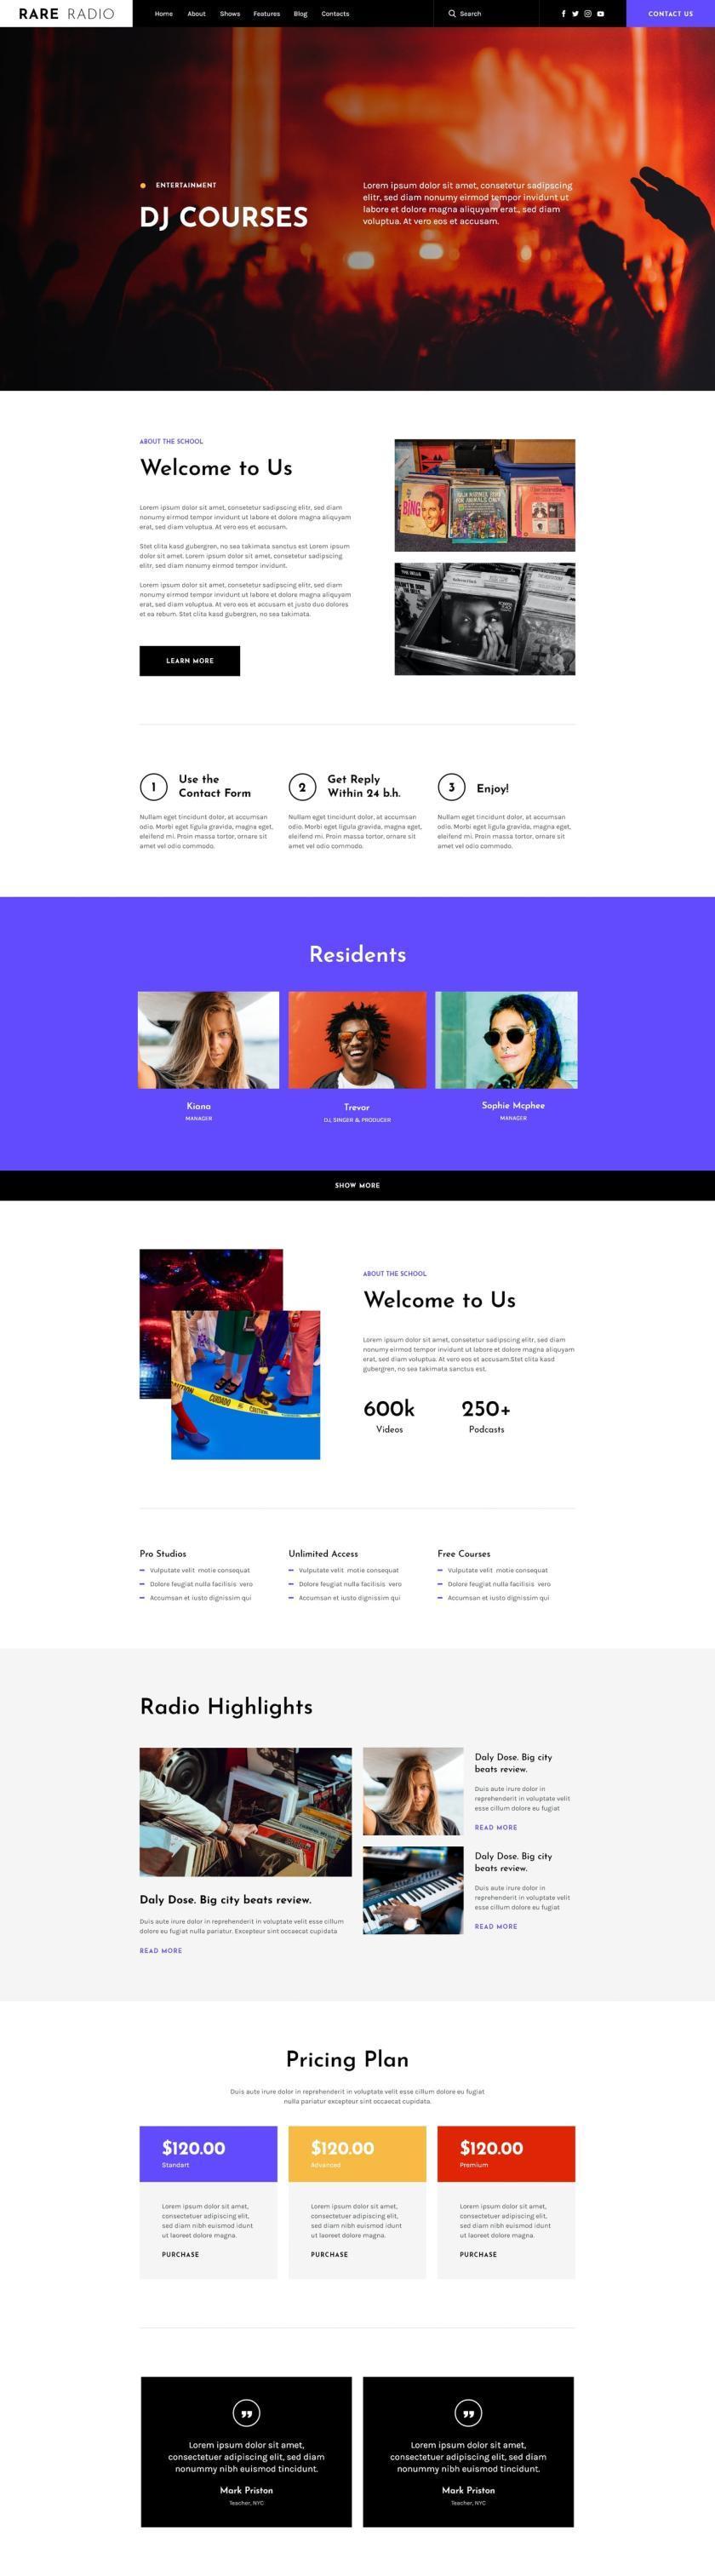 电台音乐网站WordPress主题Elementor模板插图(3)